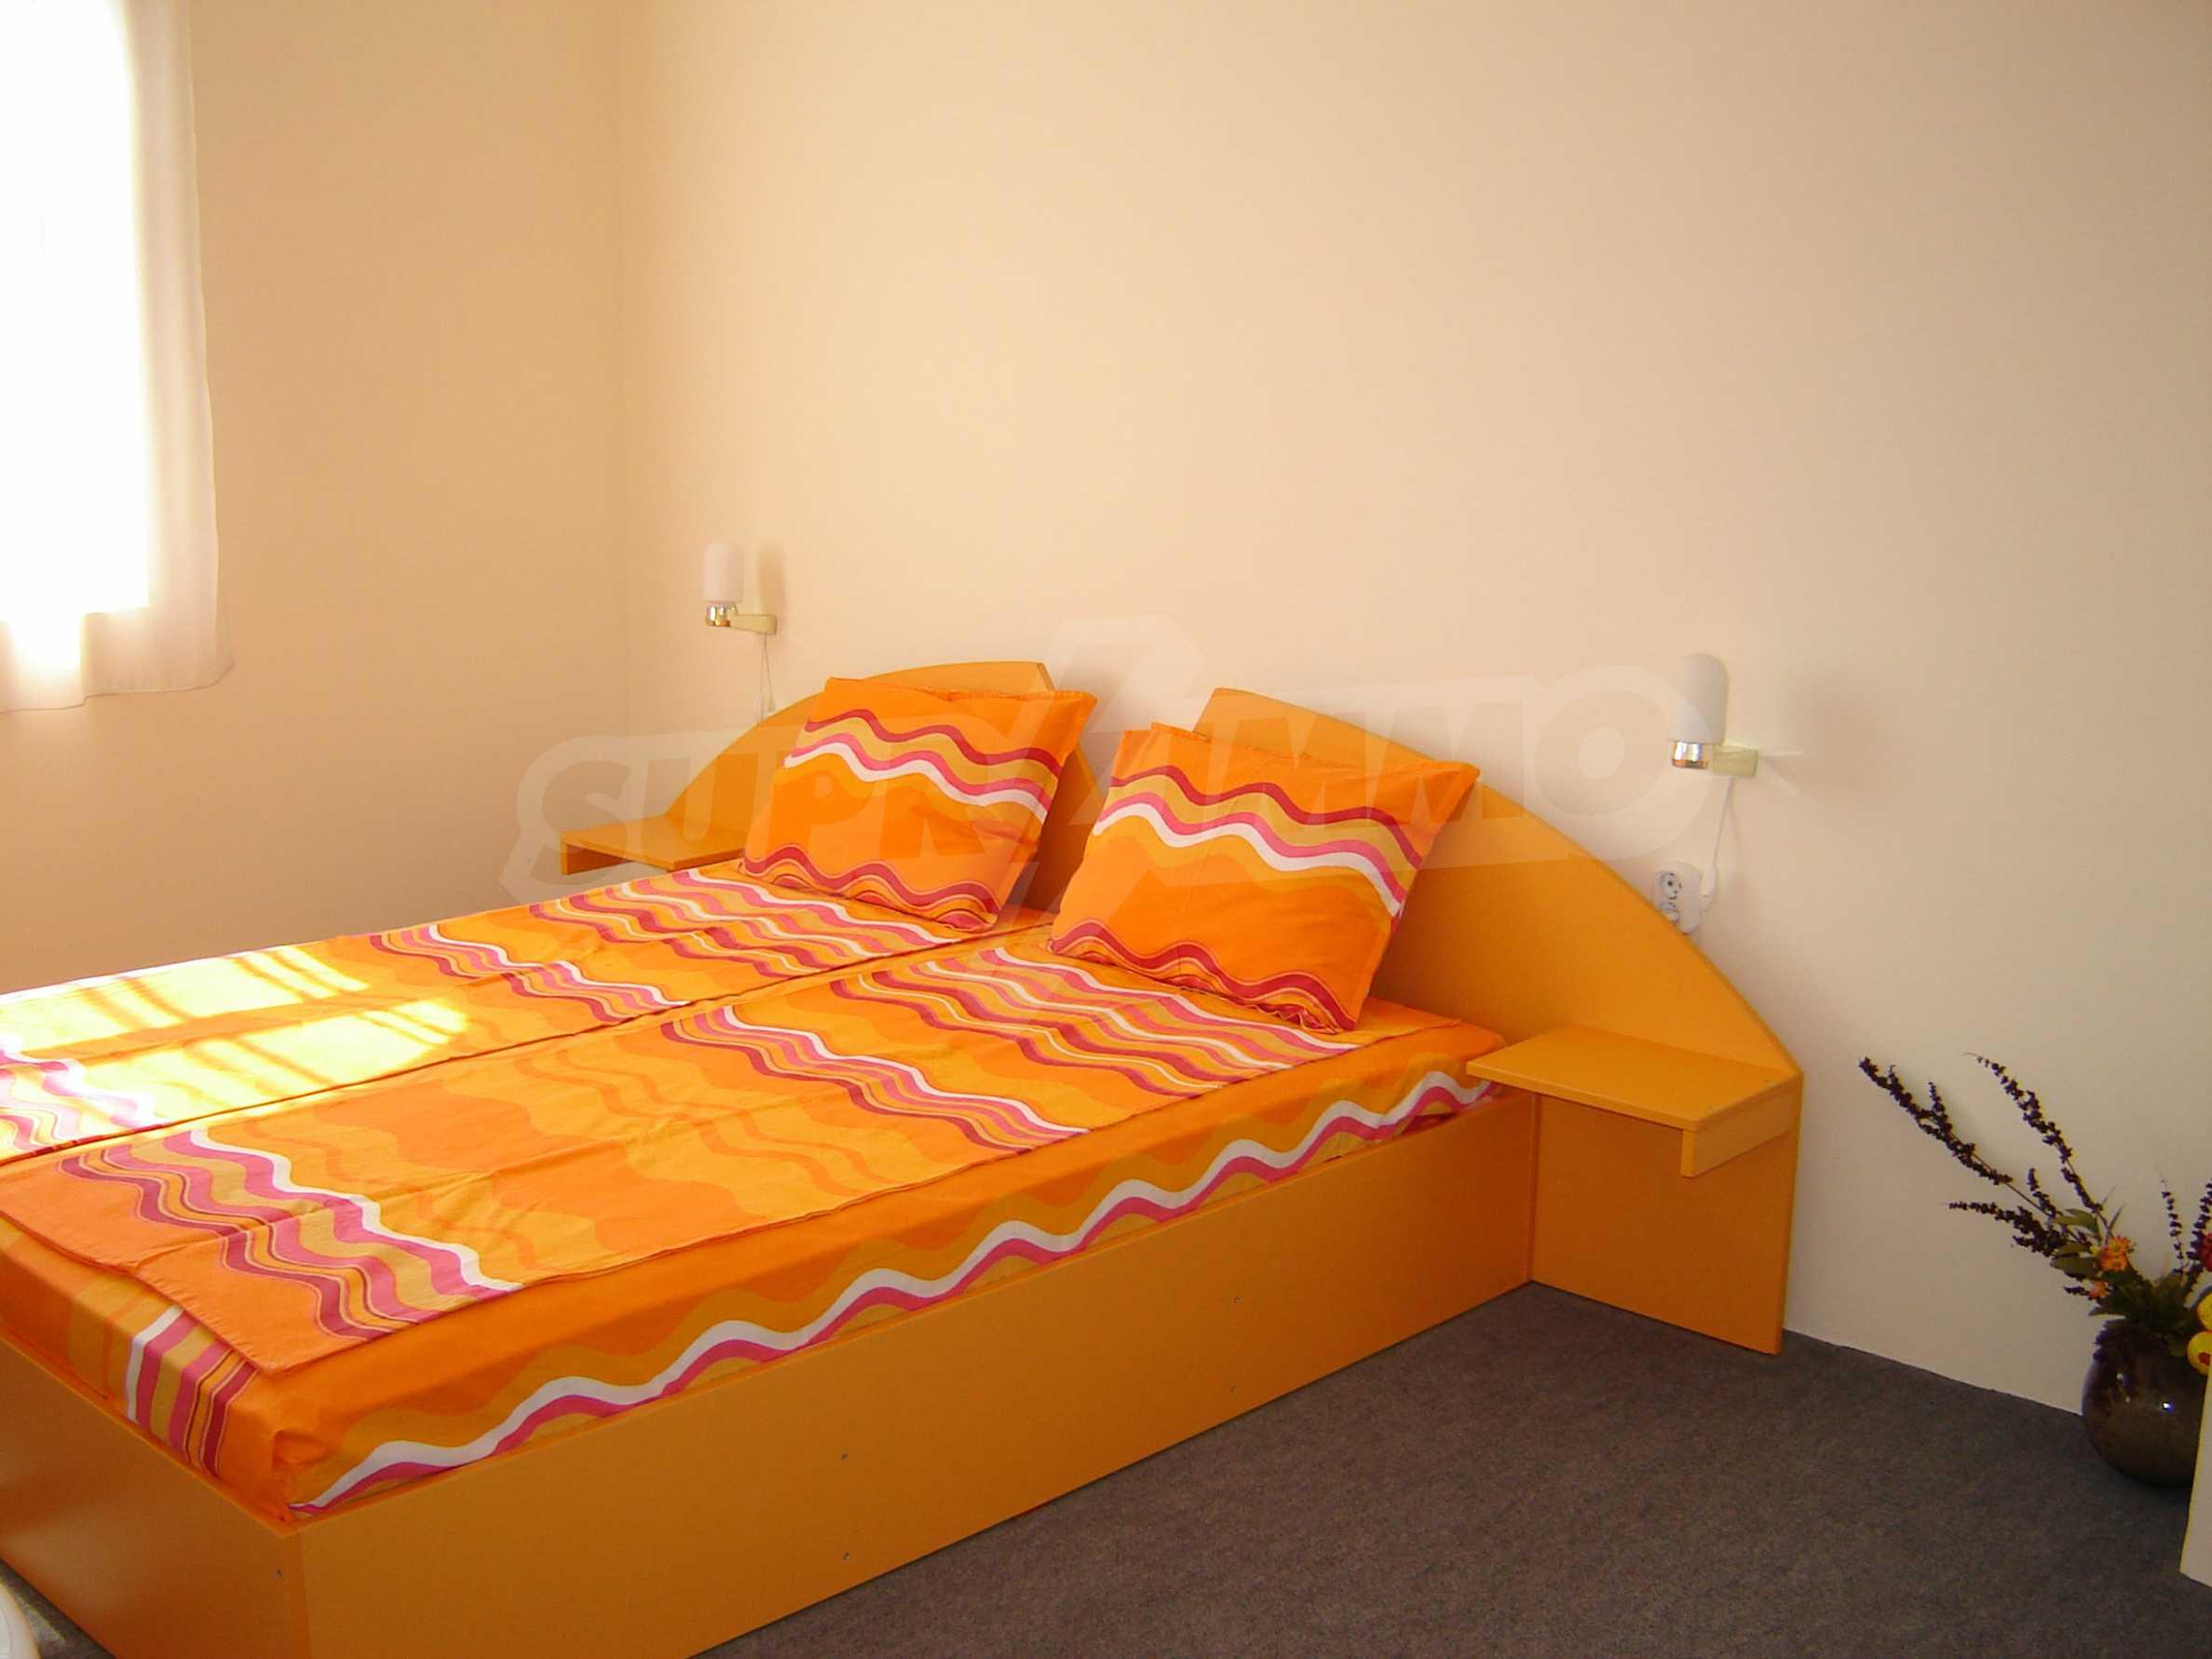 House of family hotel type for sale in Primorsko 9